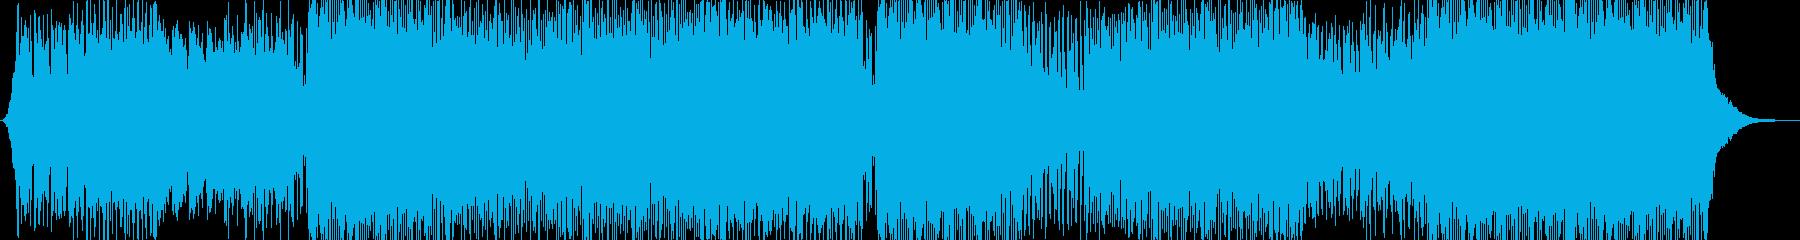 コマーシャルハウスディープの再生済みの波形